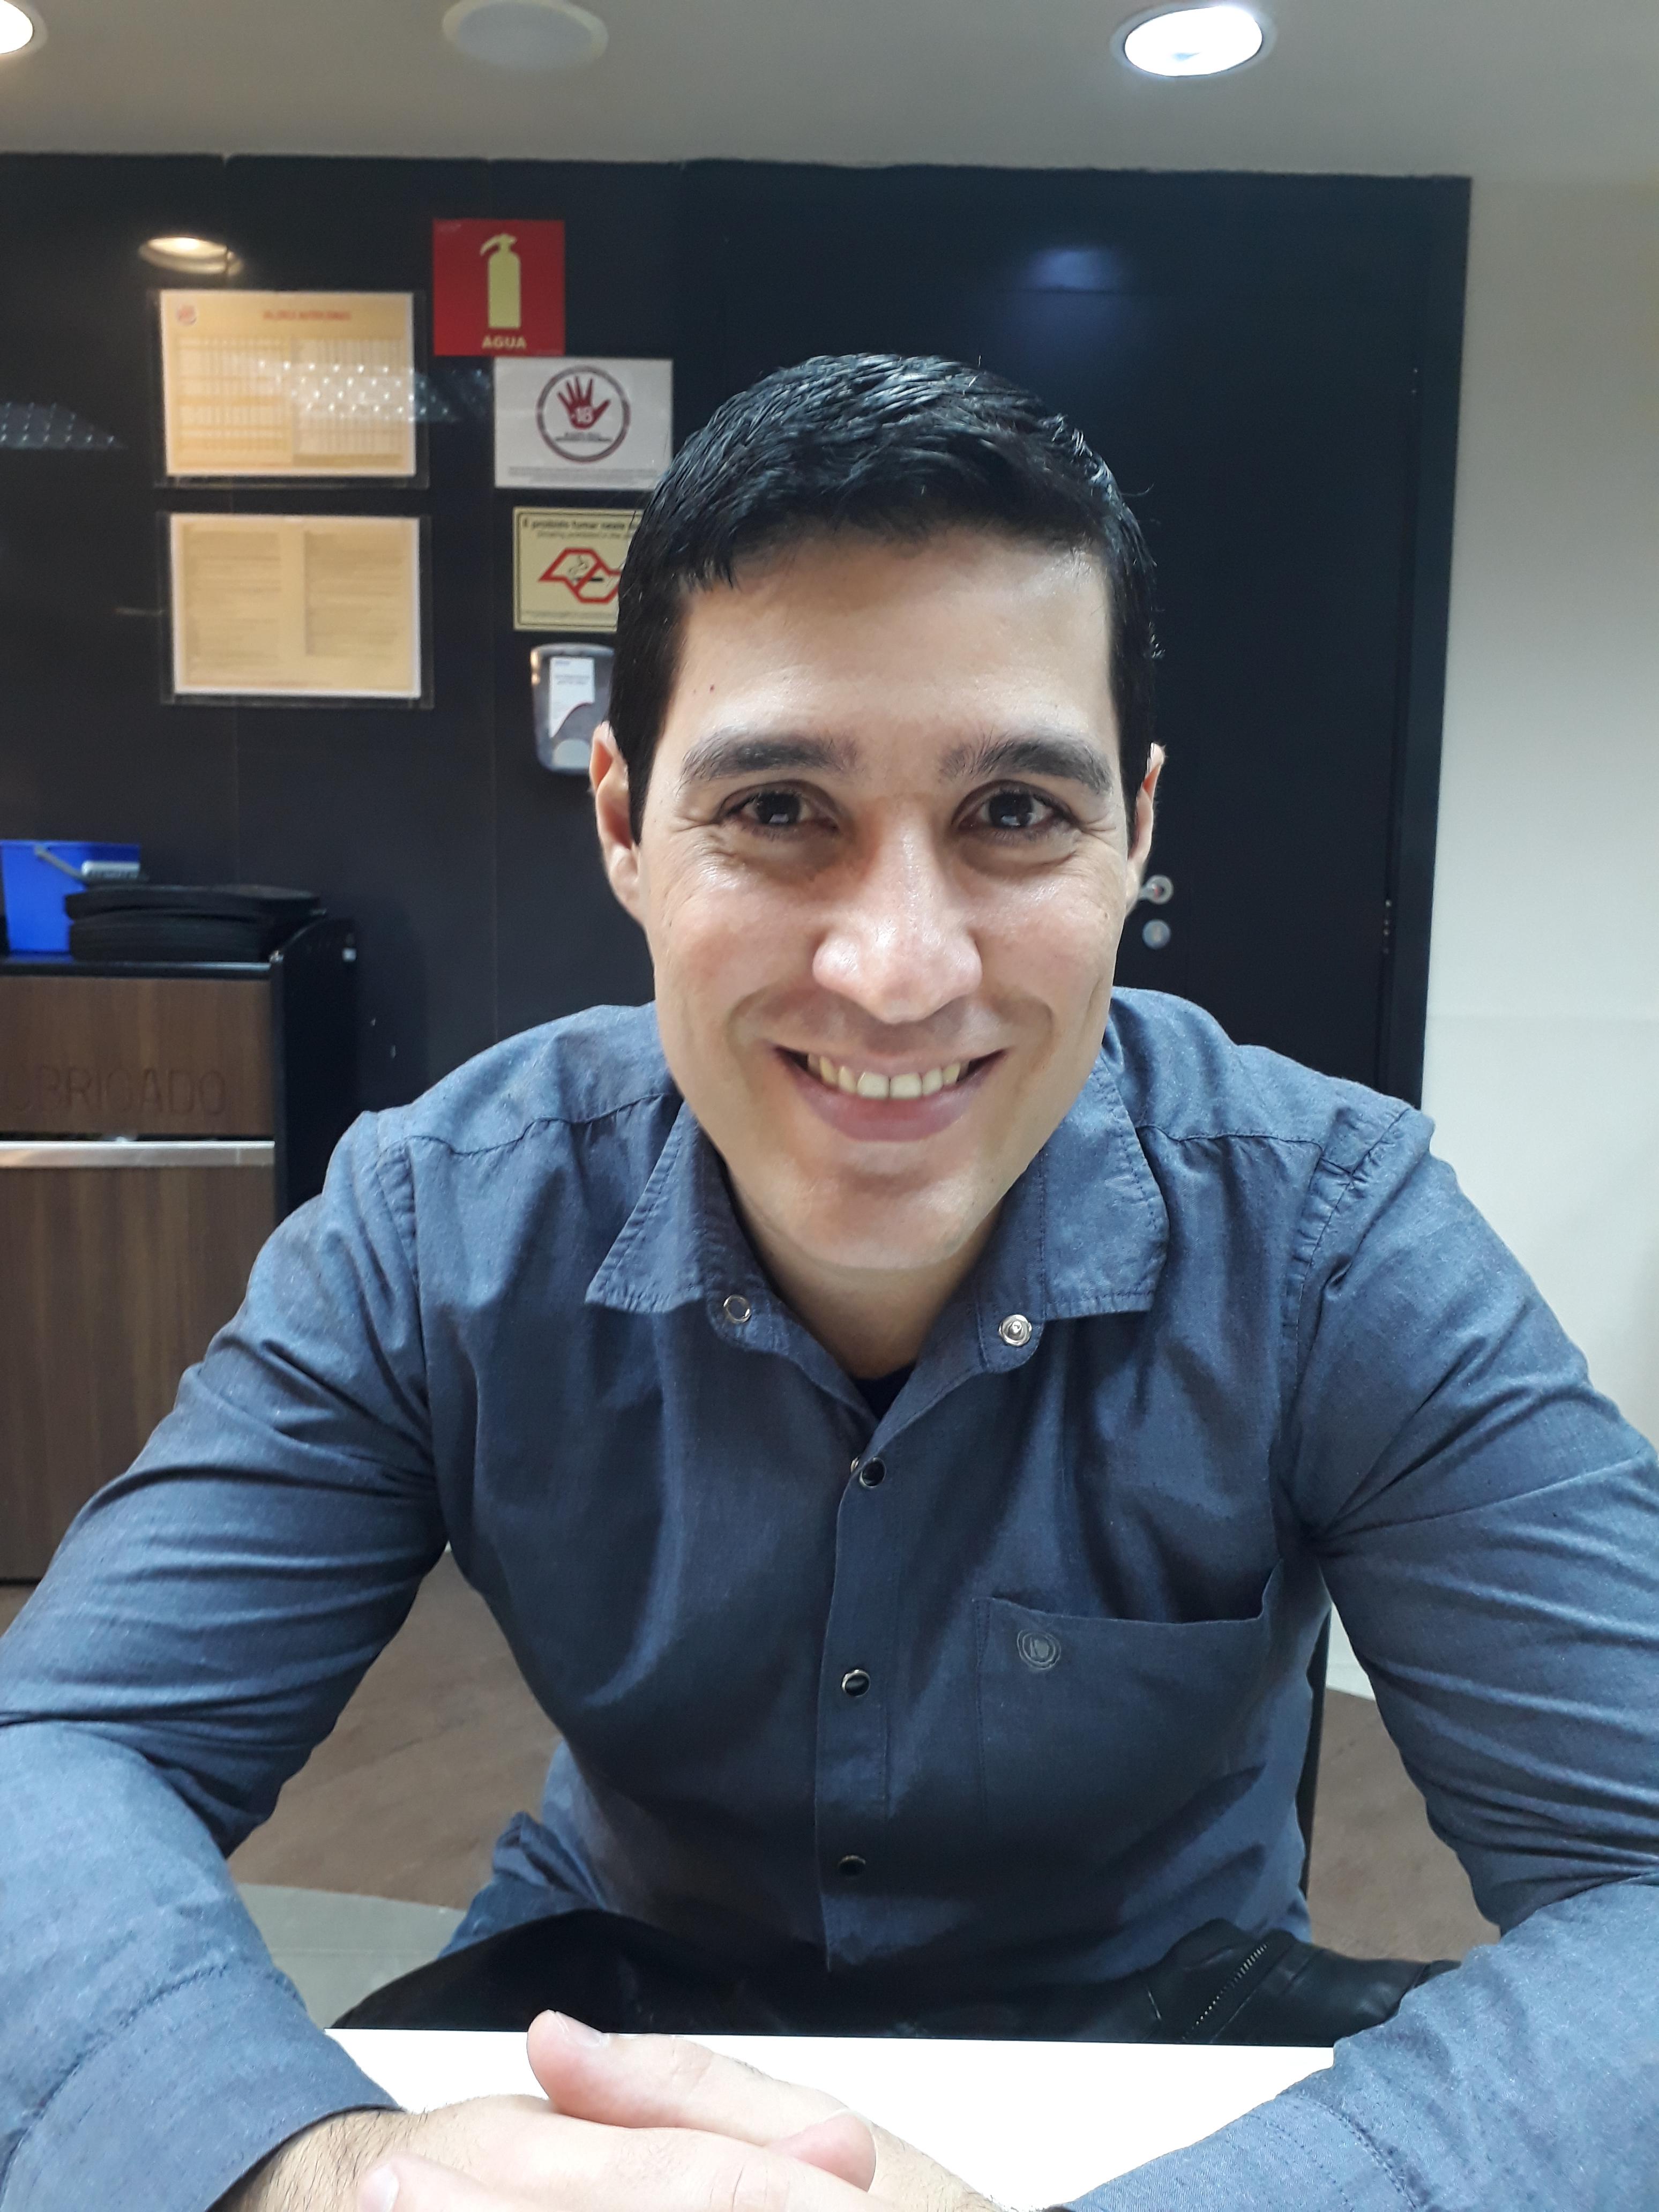 Daniel Brinco